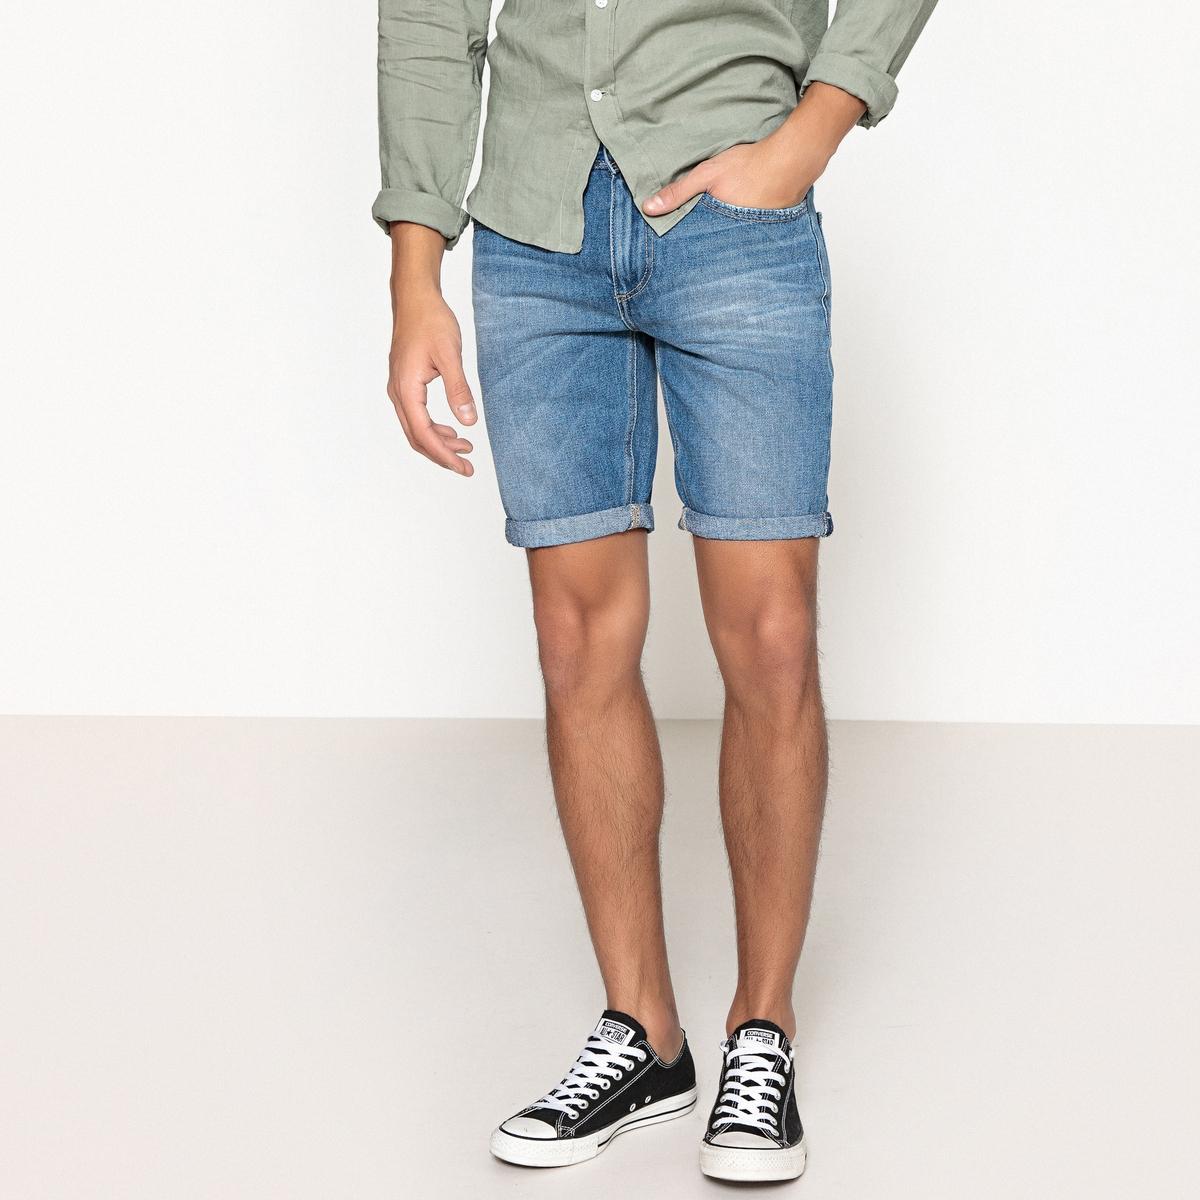 Бермуды из джинсовой ткани